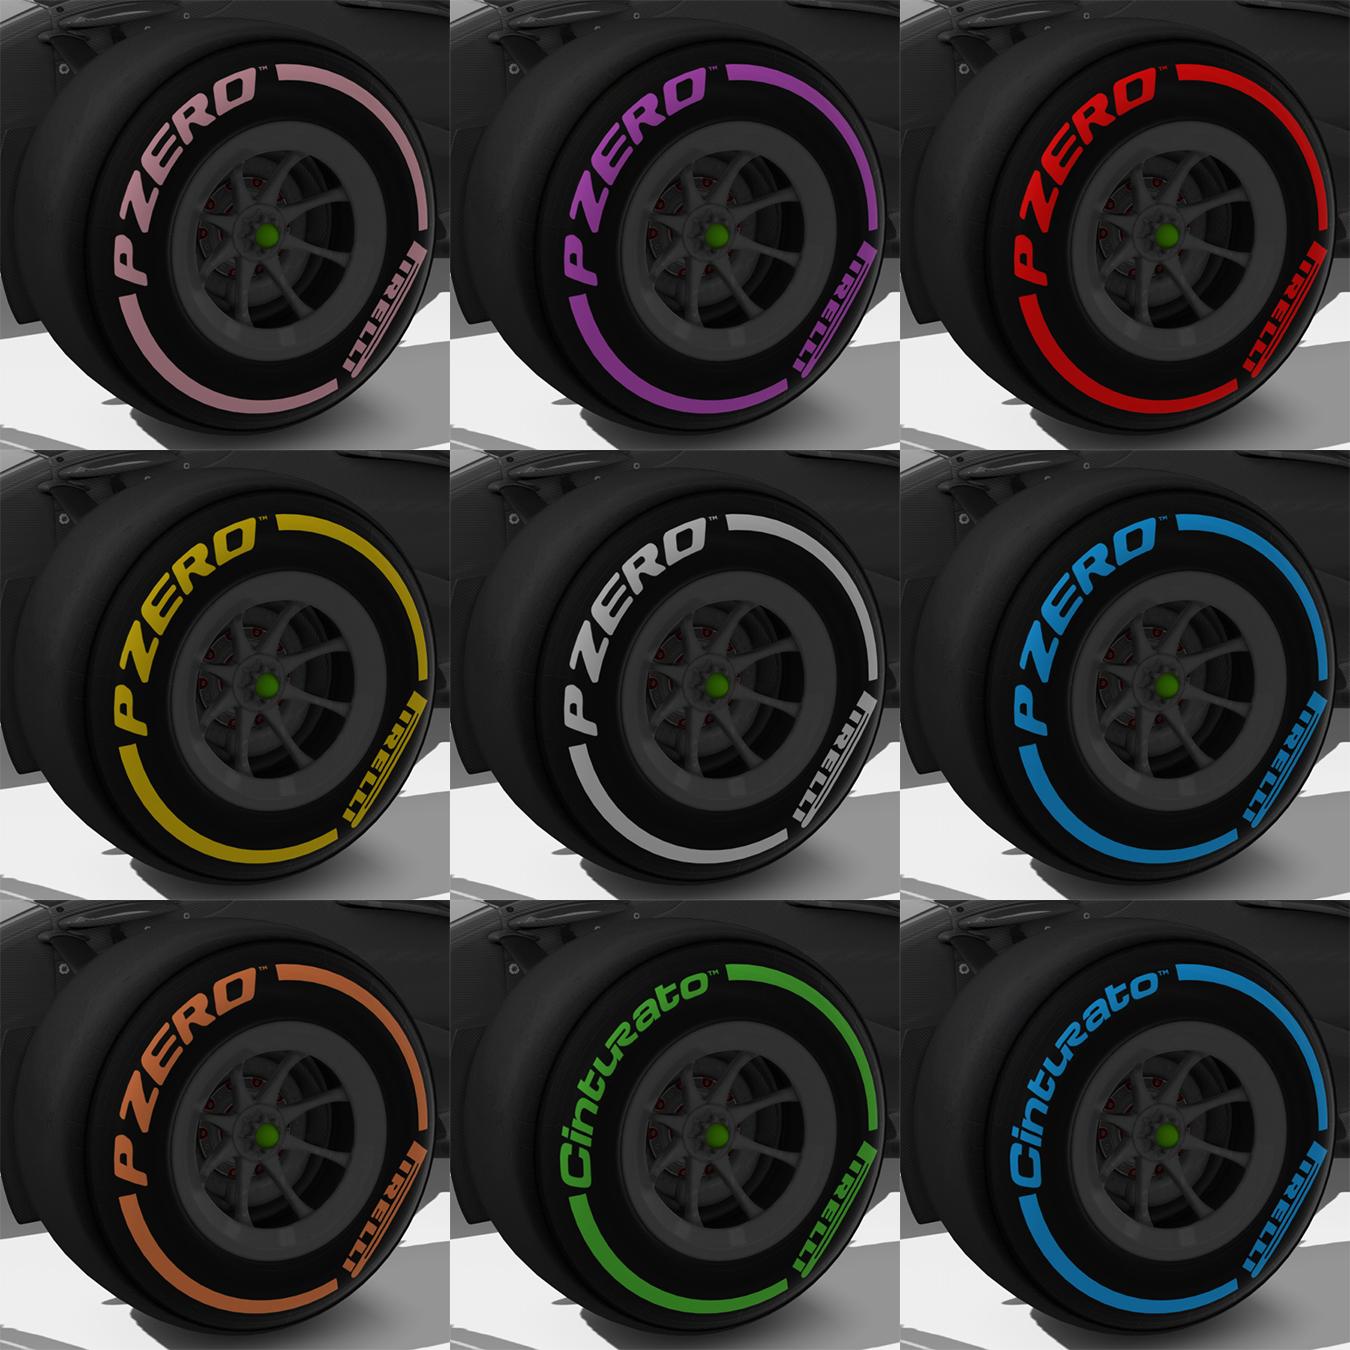 tires_preview_v2.jpg